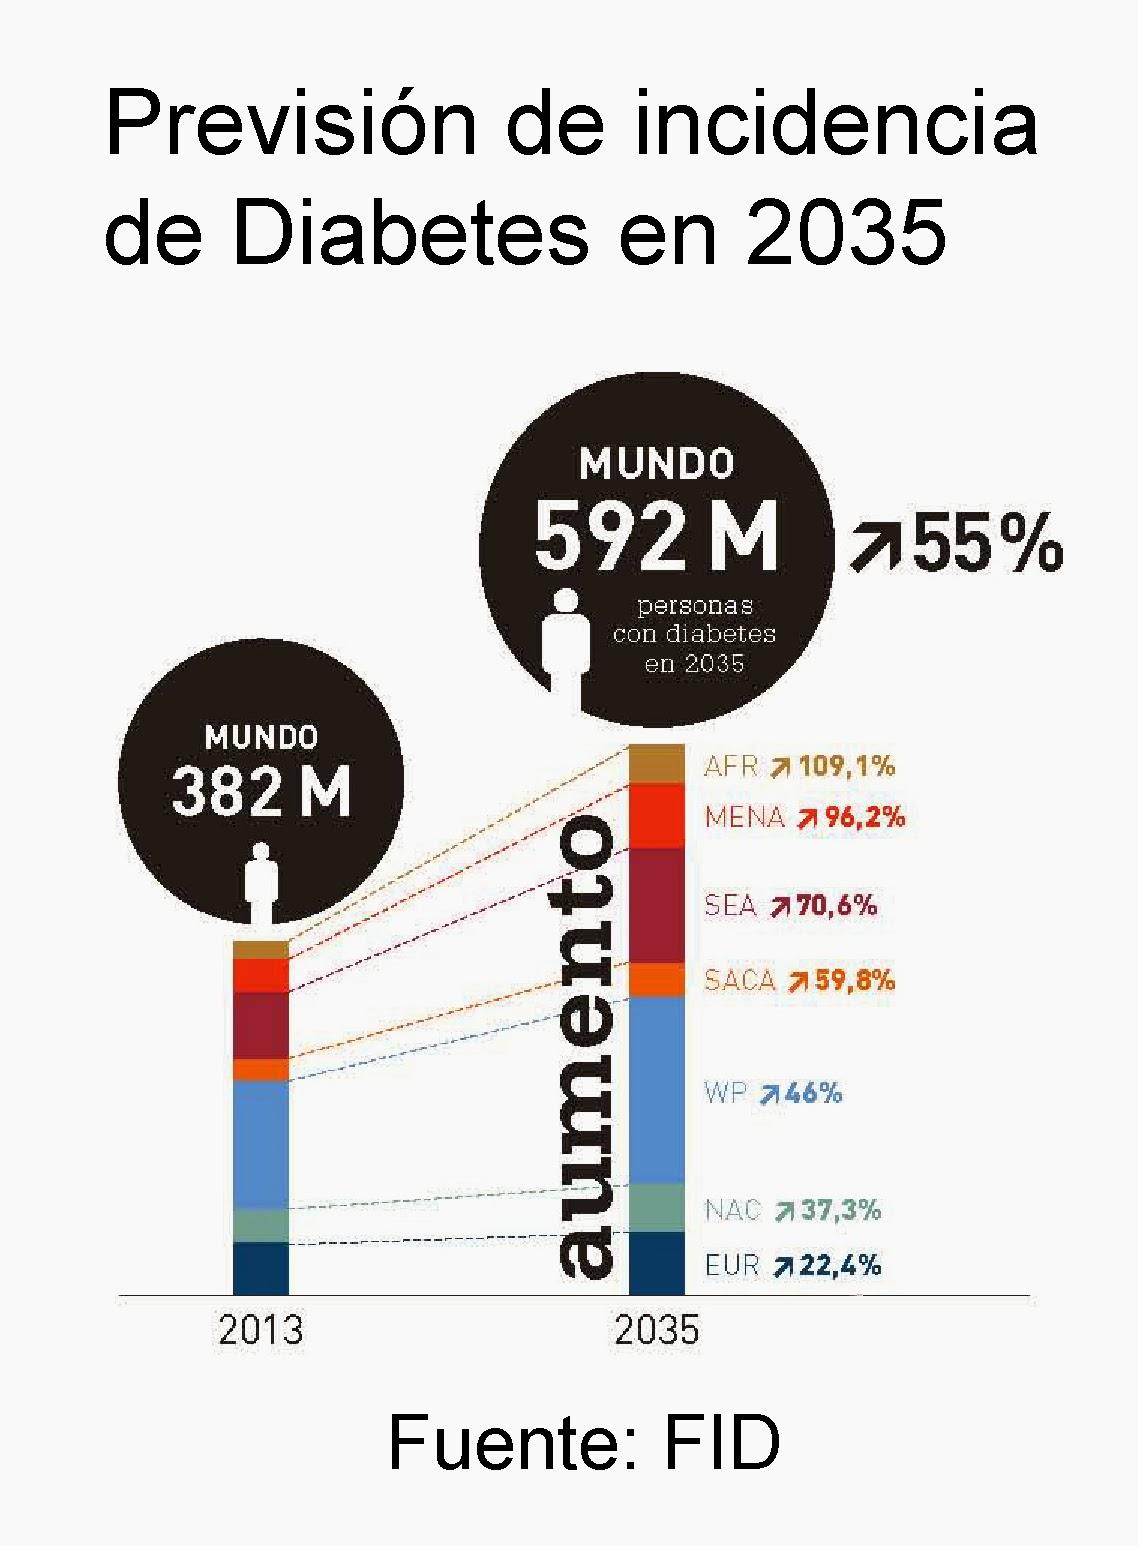 Previsión de incidencia de Diabetes en el mundo en 2035